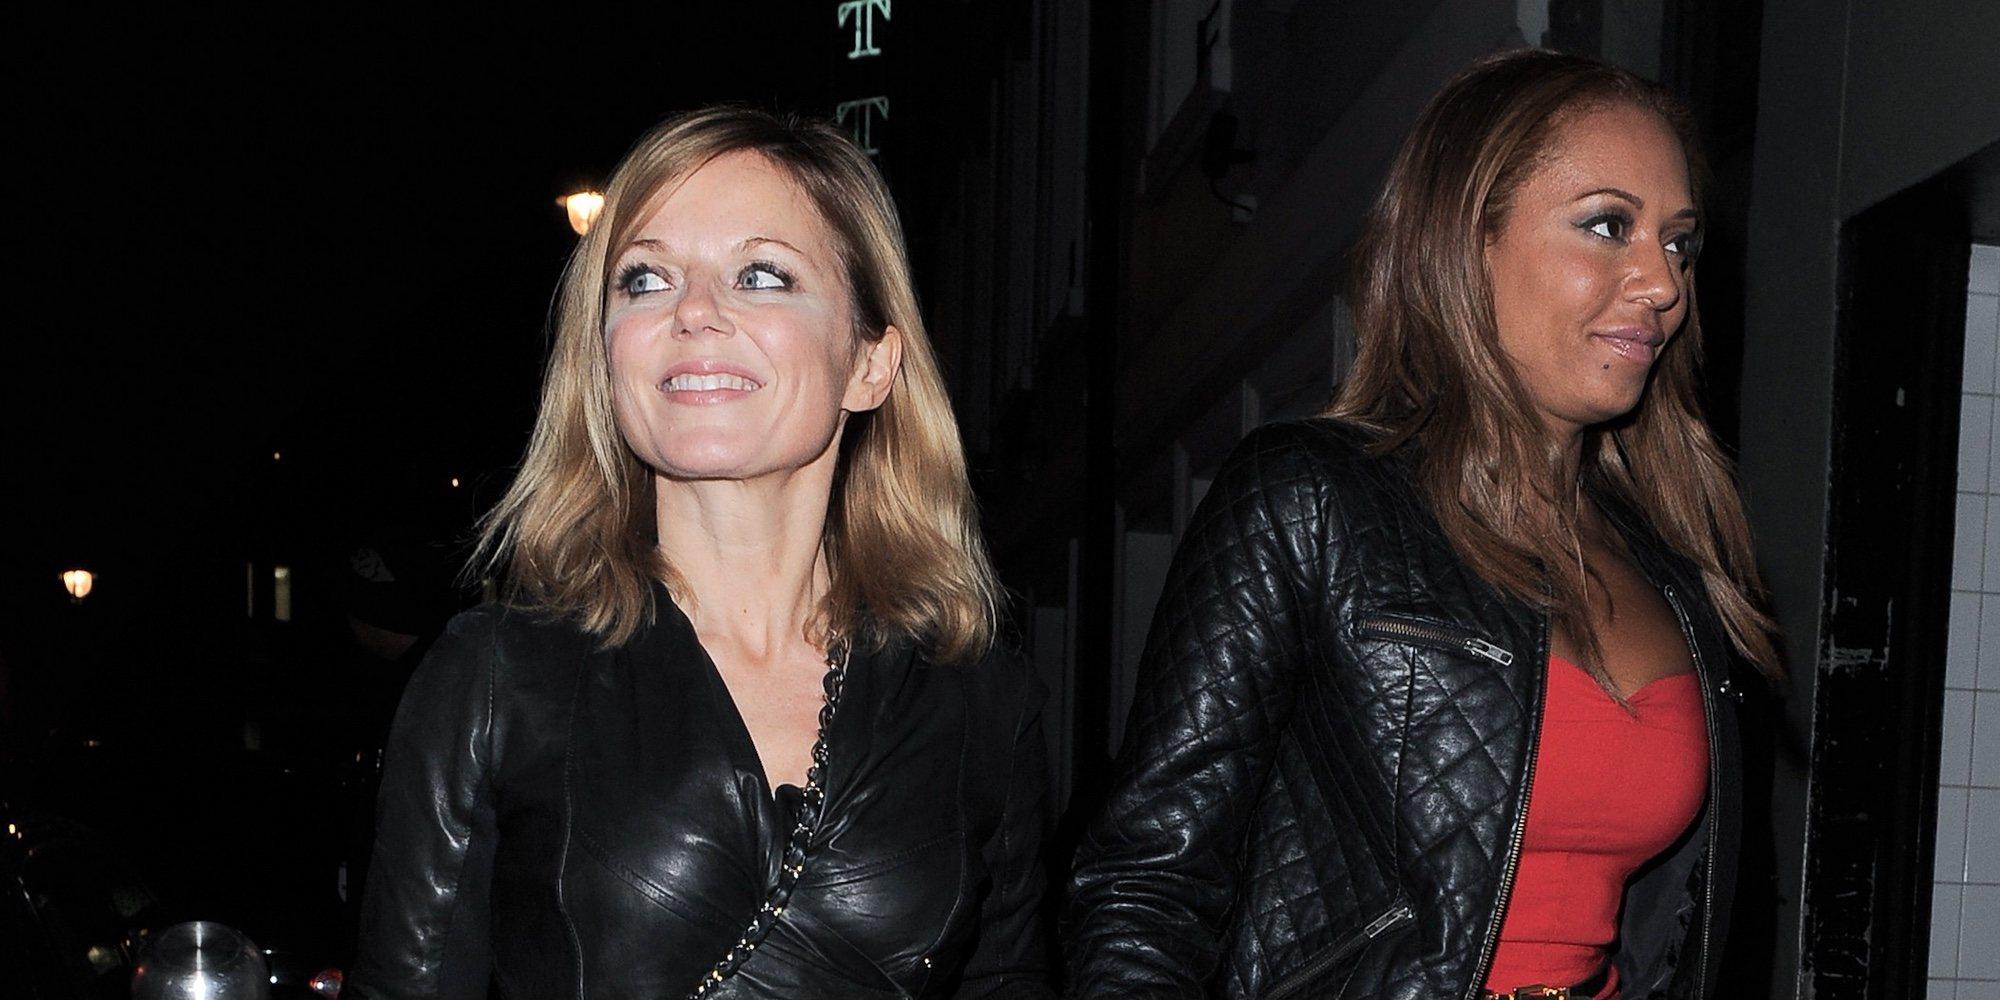 Mel B y Geri Halliwell mantuvieron algo más que una noche de pasión